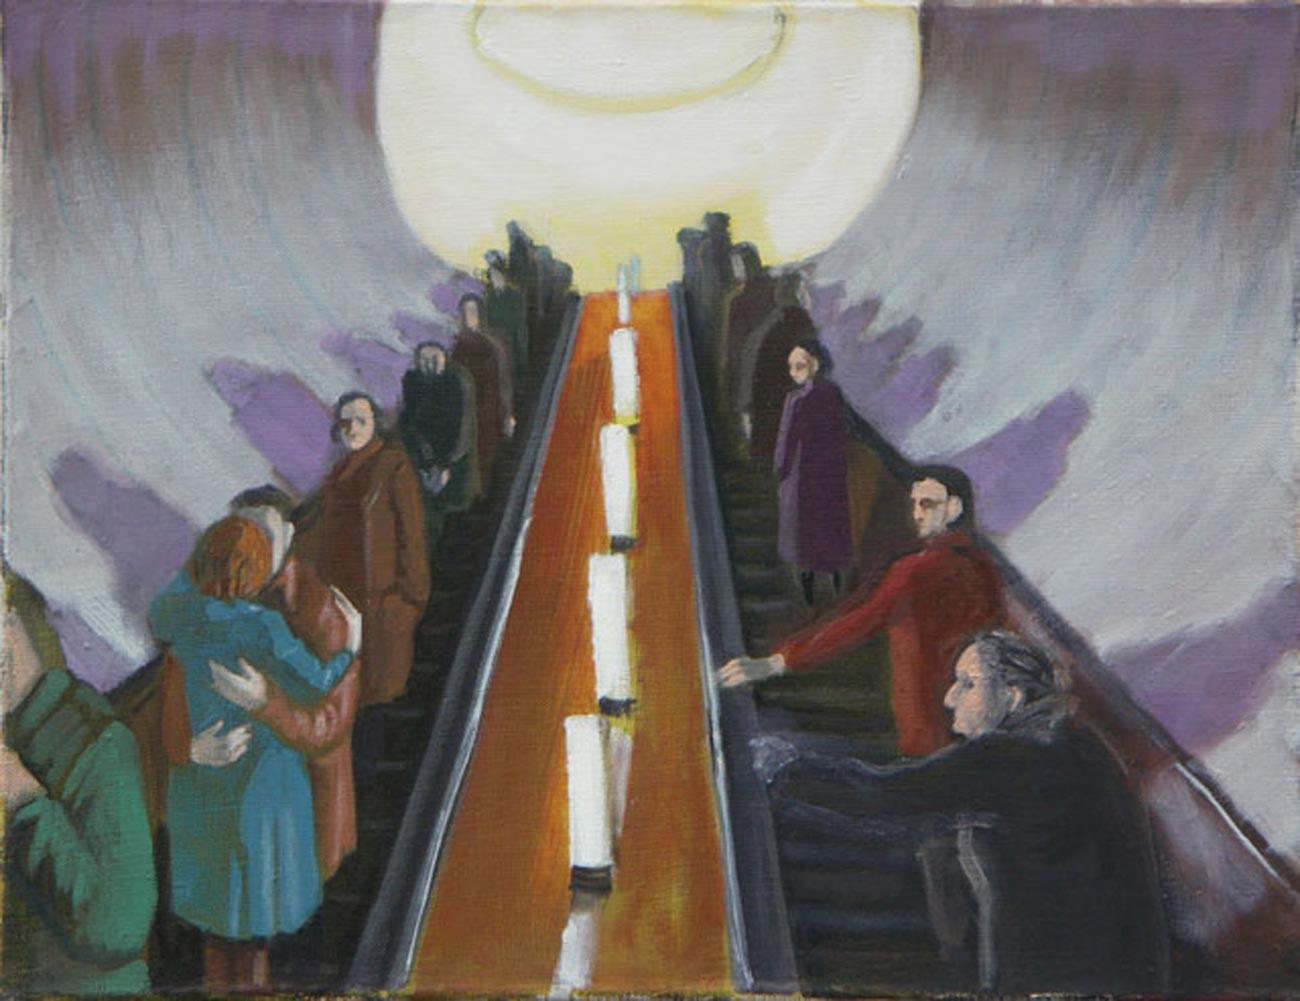 アリサ・ザルジェフスカヤ、「地下鉄」、2005–2008年